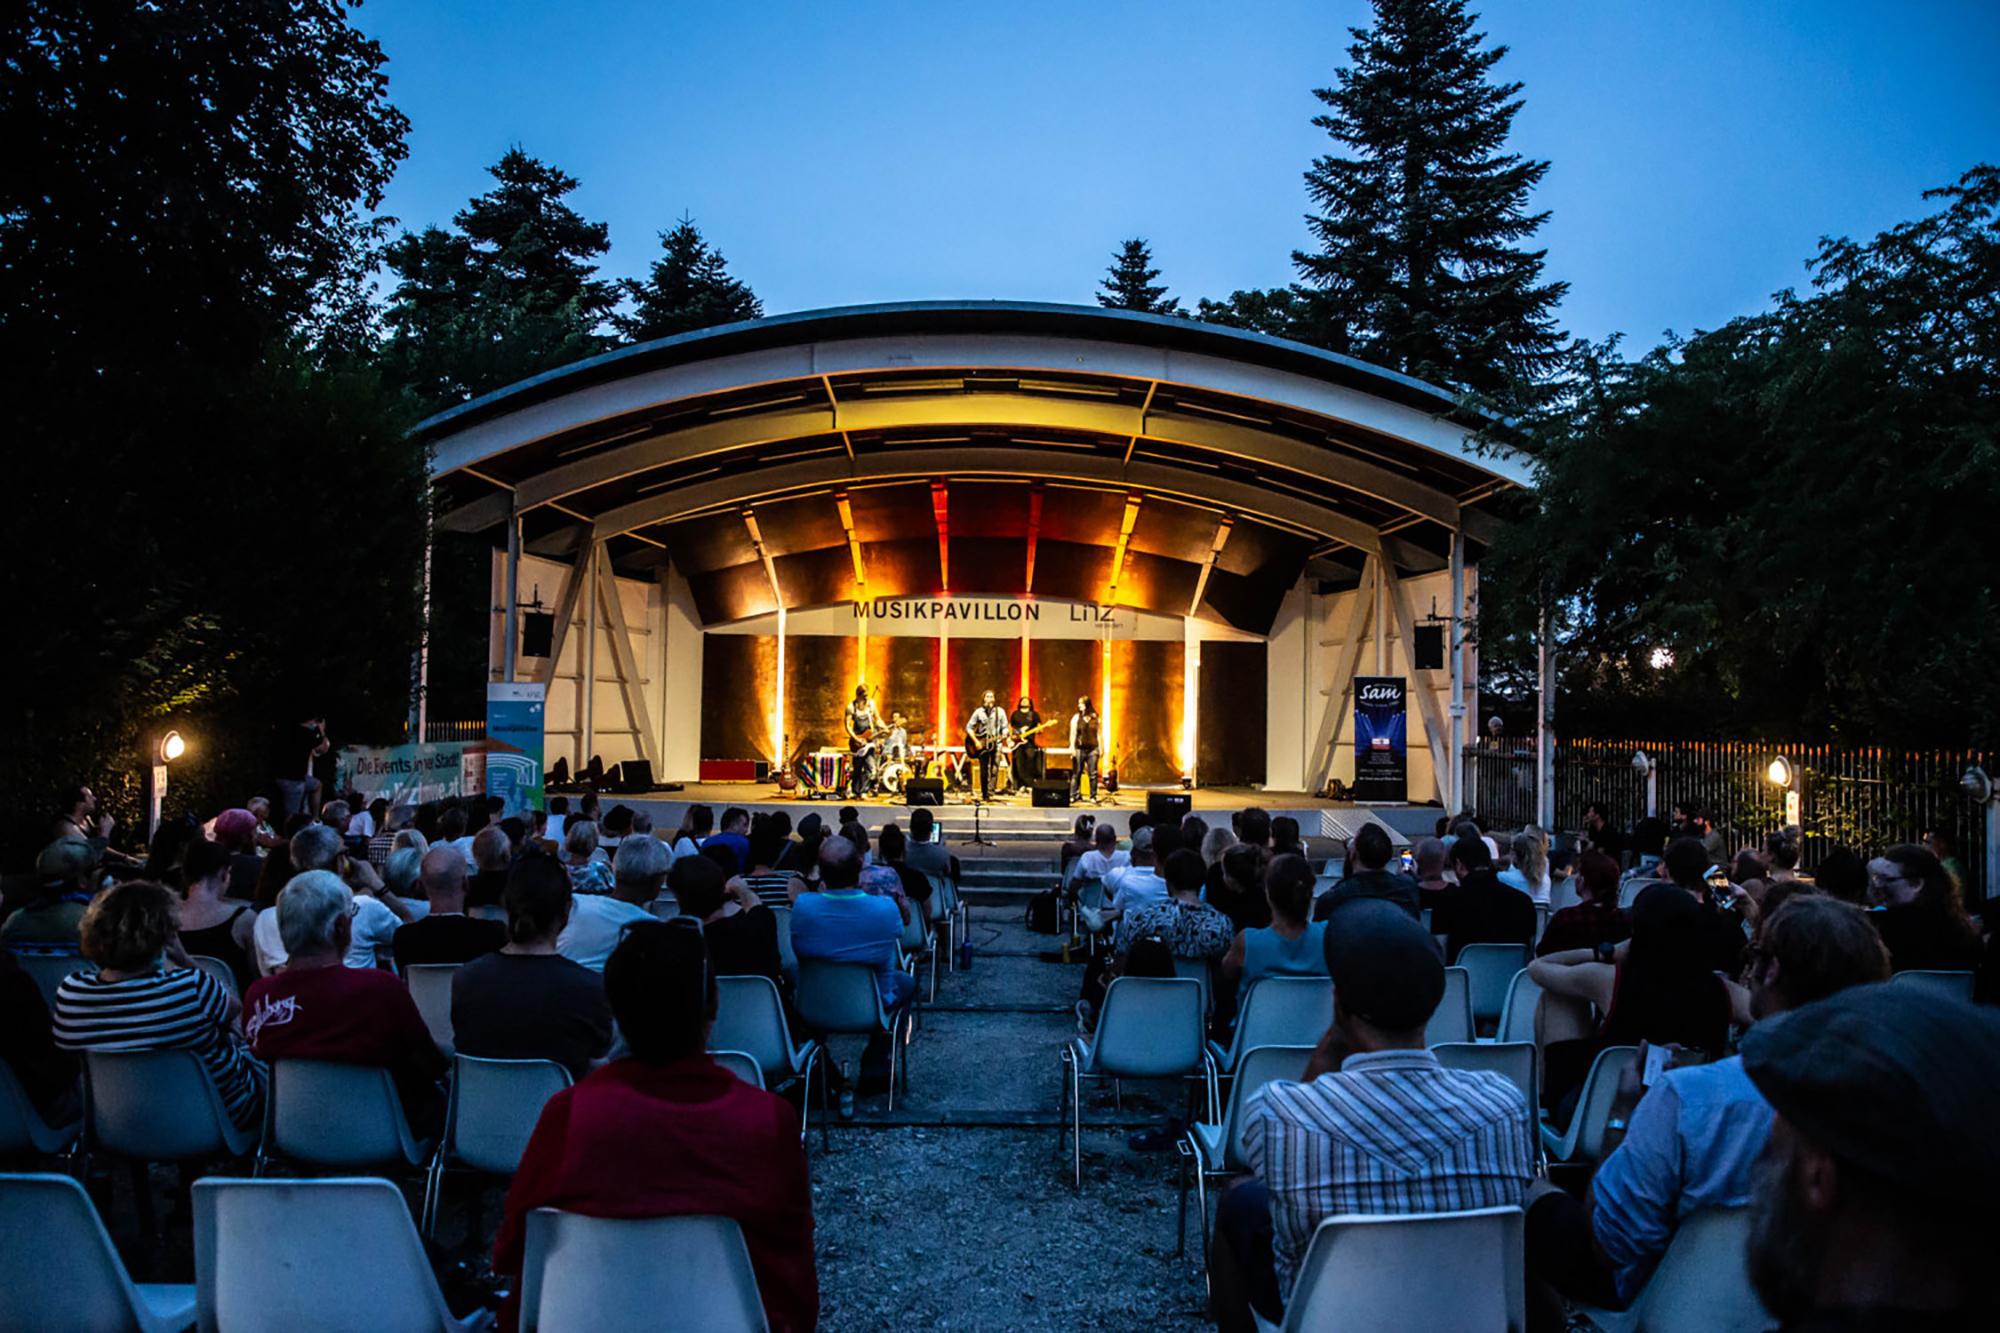 Musikpavillon im Donaupark